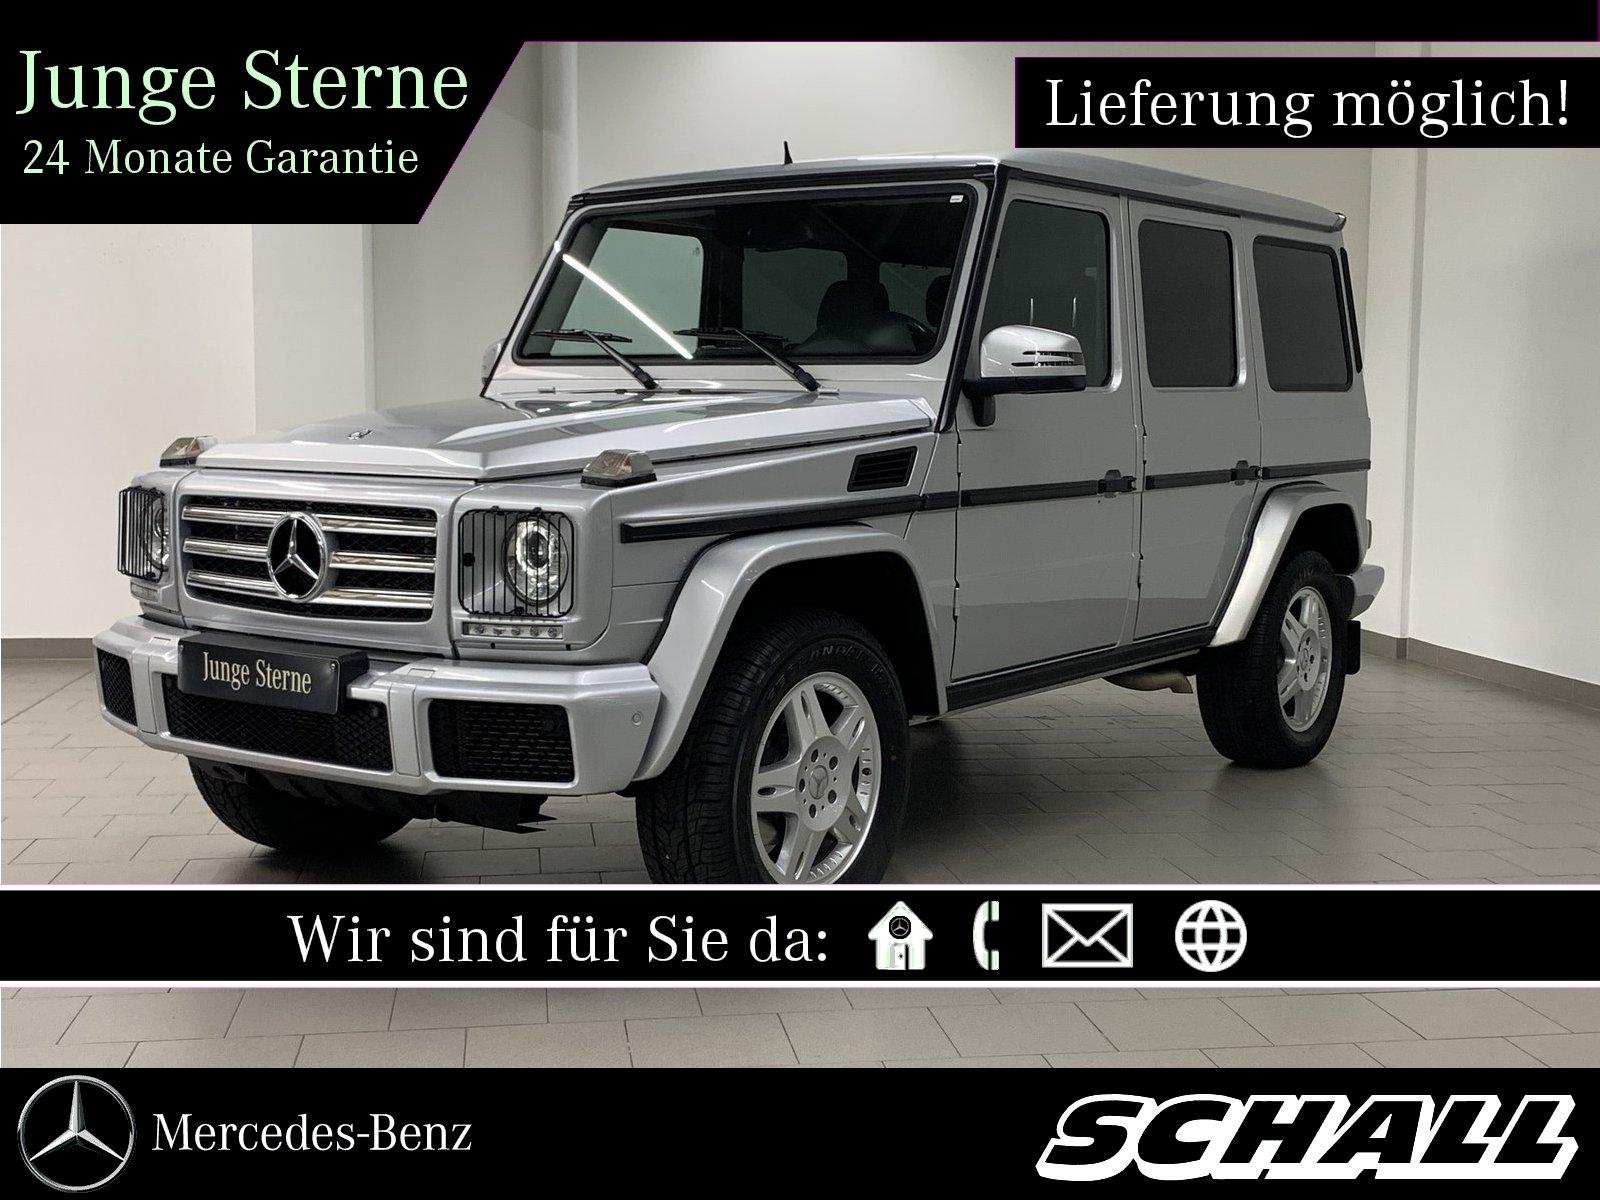 Mercedes-Benz G 350 d STANDHZG+COMAD+RÜCKFAHRKAMERA+1.HAND, Jahr 2016, Diesel